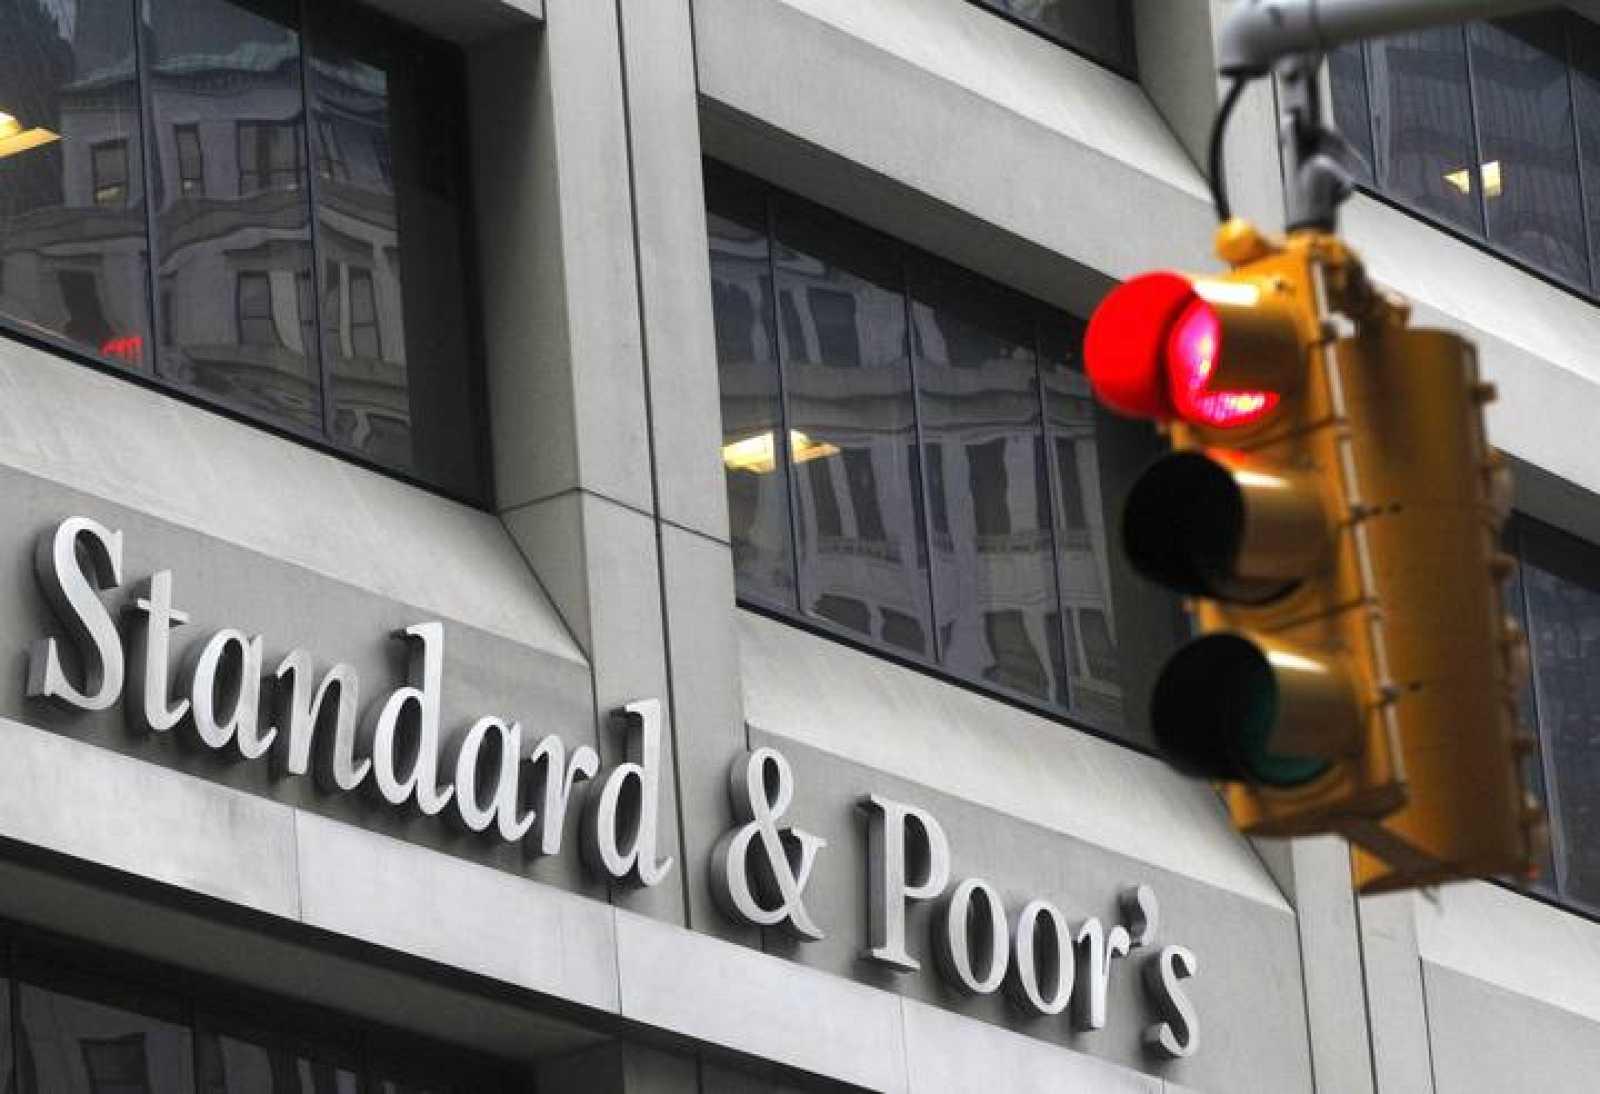 Sede central de Standard and Poor's en Nueva York